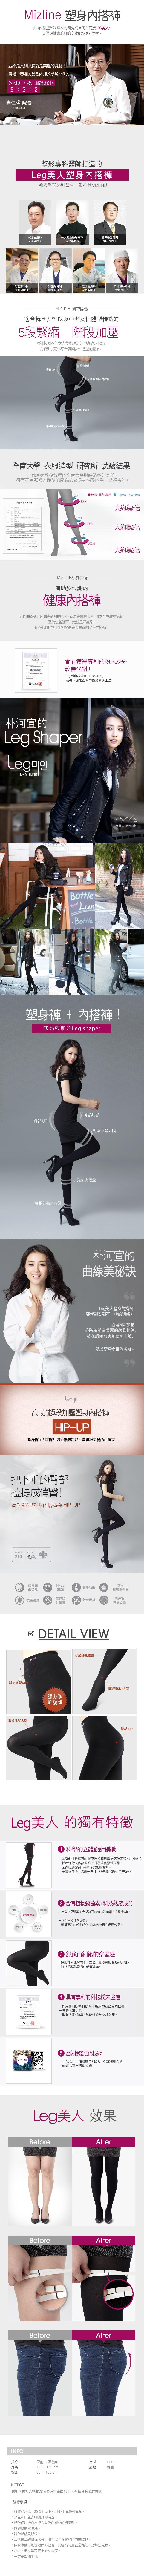 韓國褲襪,532整型褲,塑型褲襪,權威,MIZLINE,極效,空姐,保暖,超彈性,機能,柔觸,美型,絲襪,貼身,不束縛